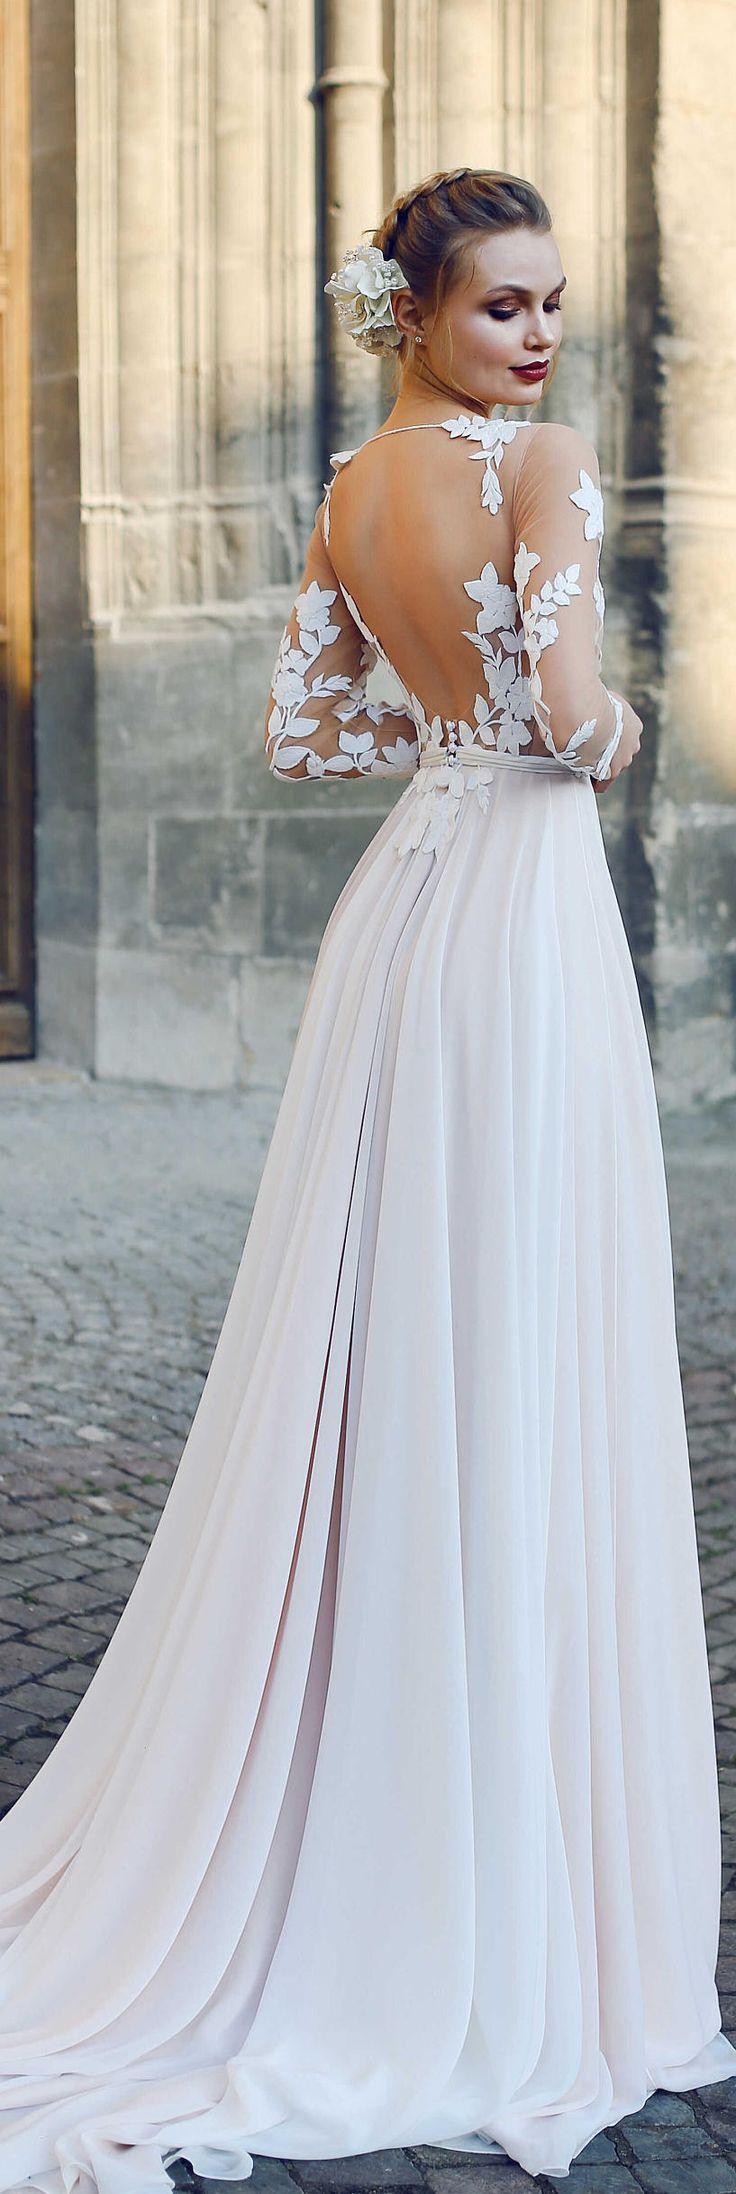 My dream dress has a key hole back